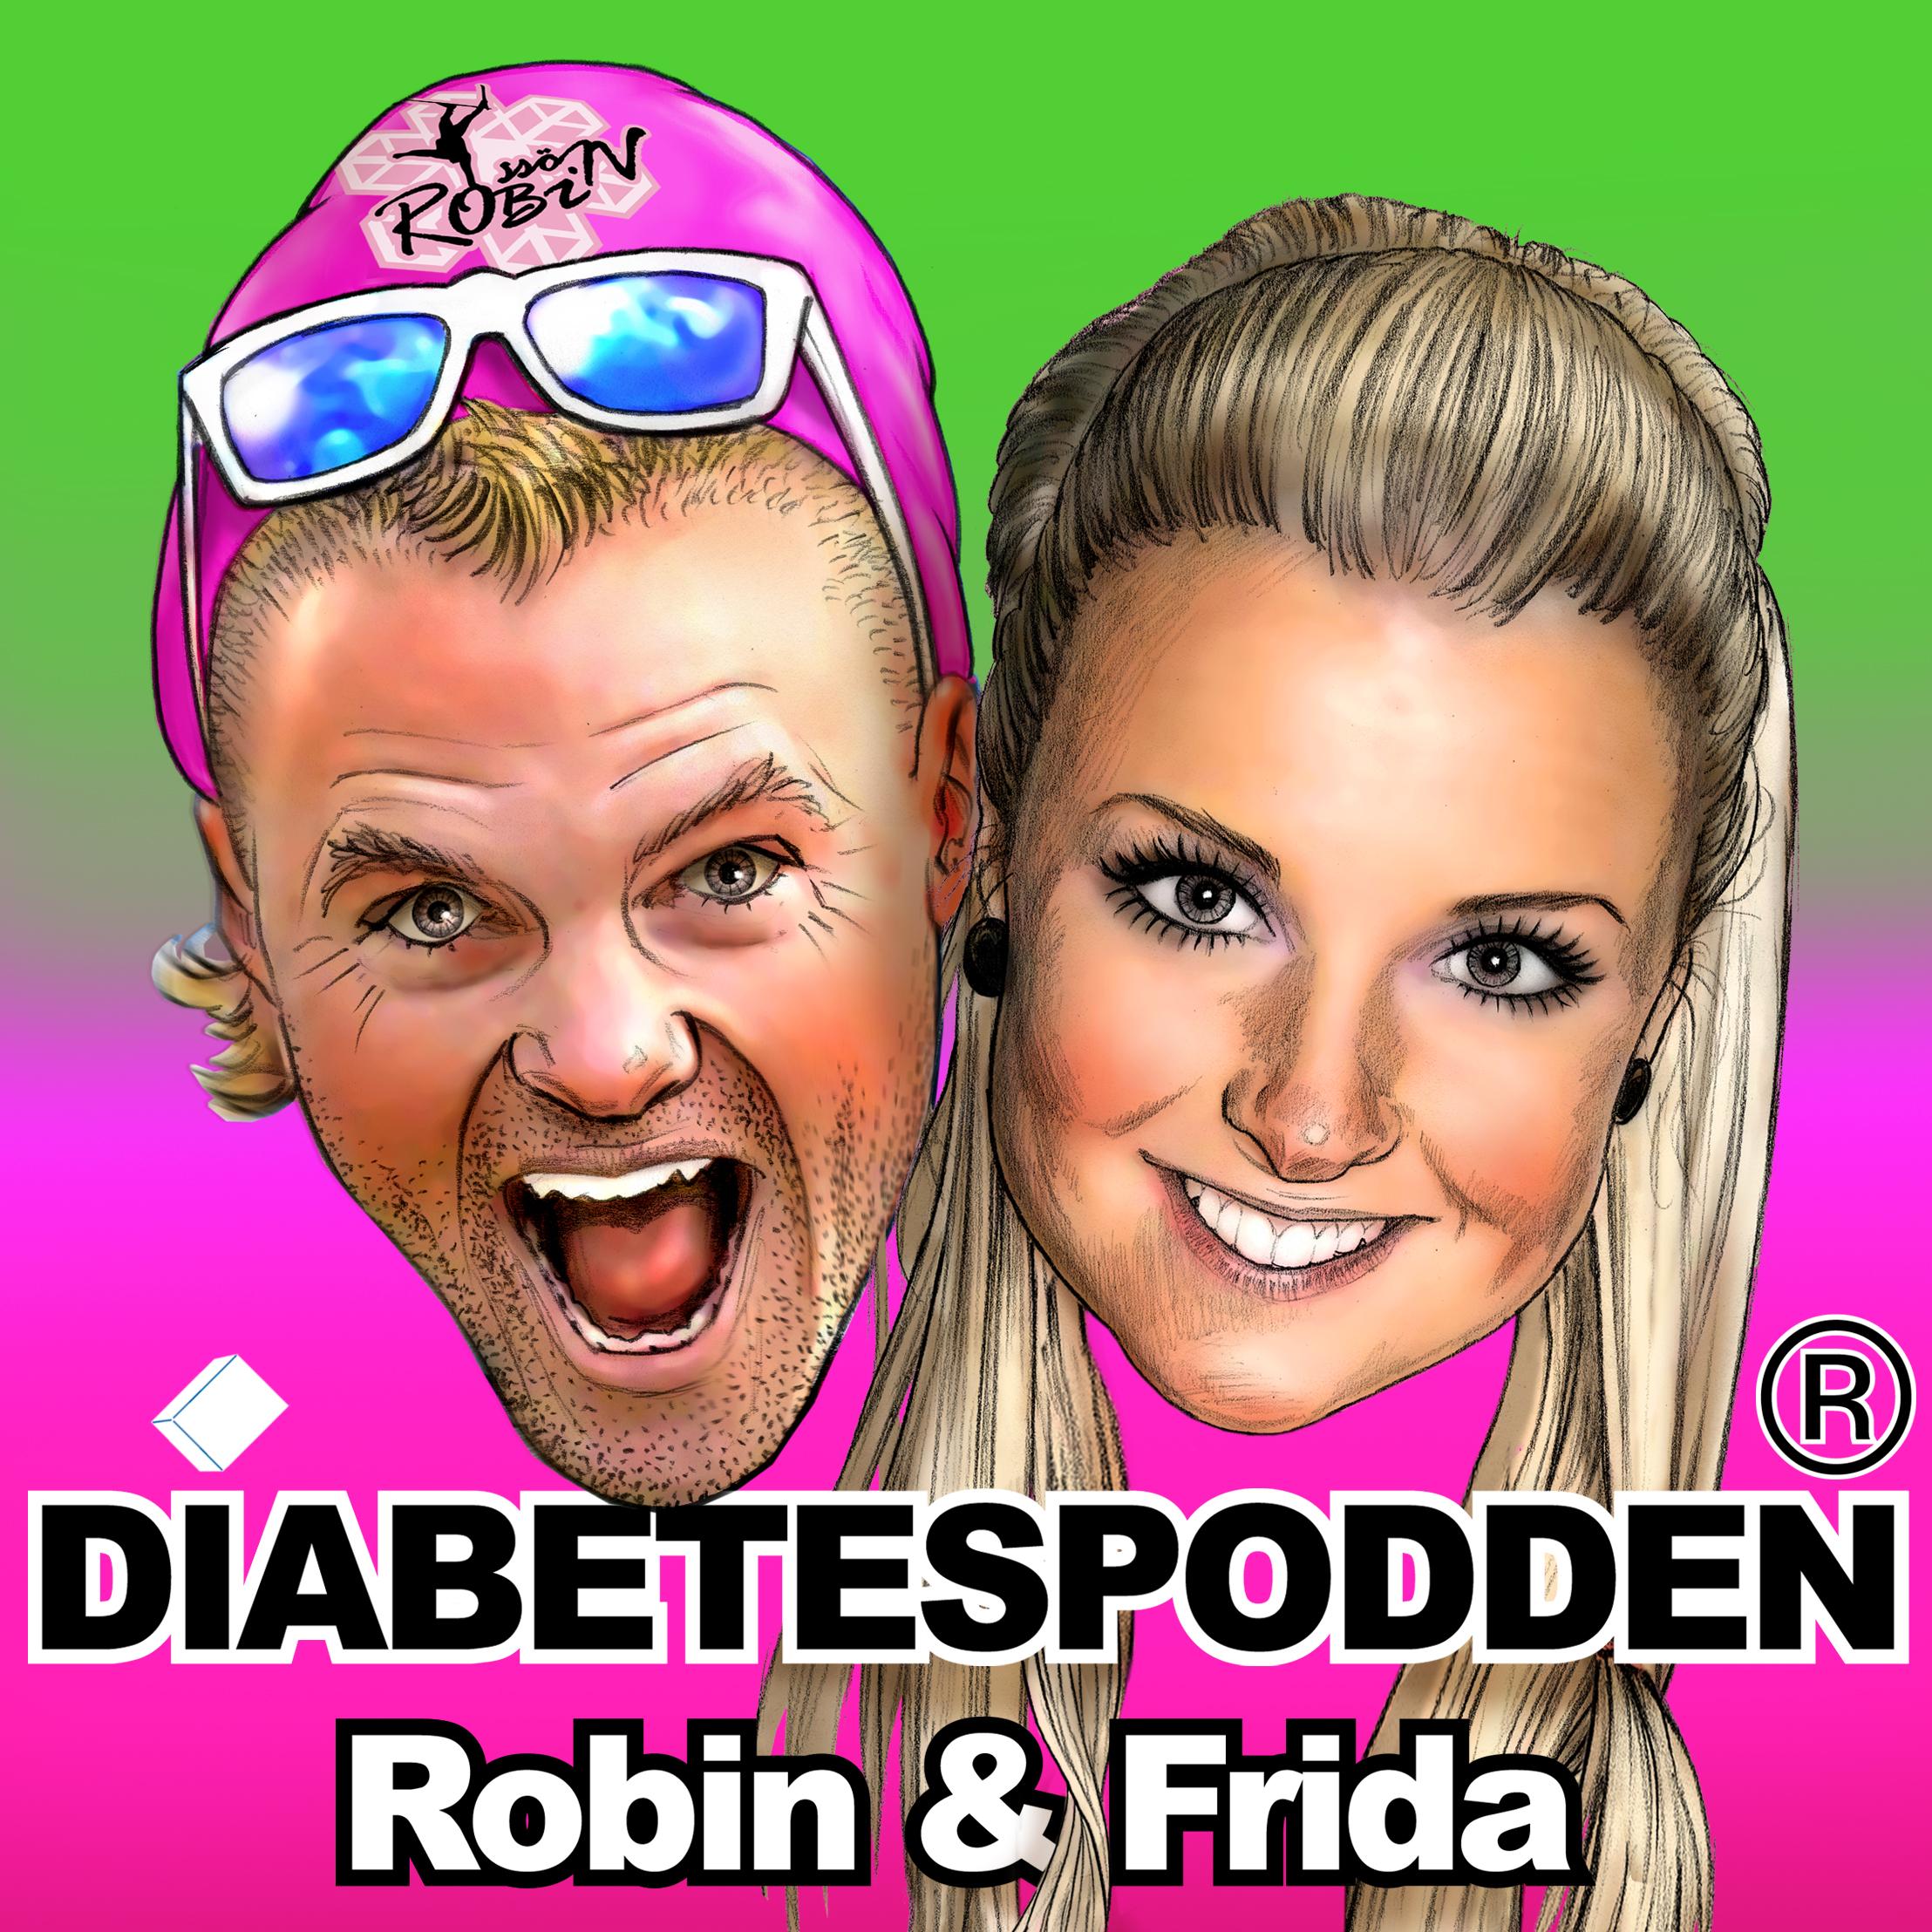 Diabetespodden show art